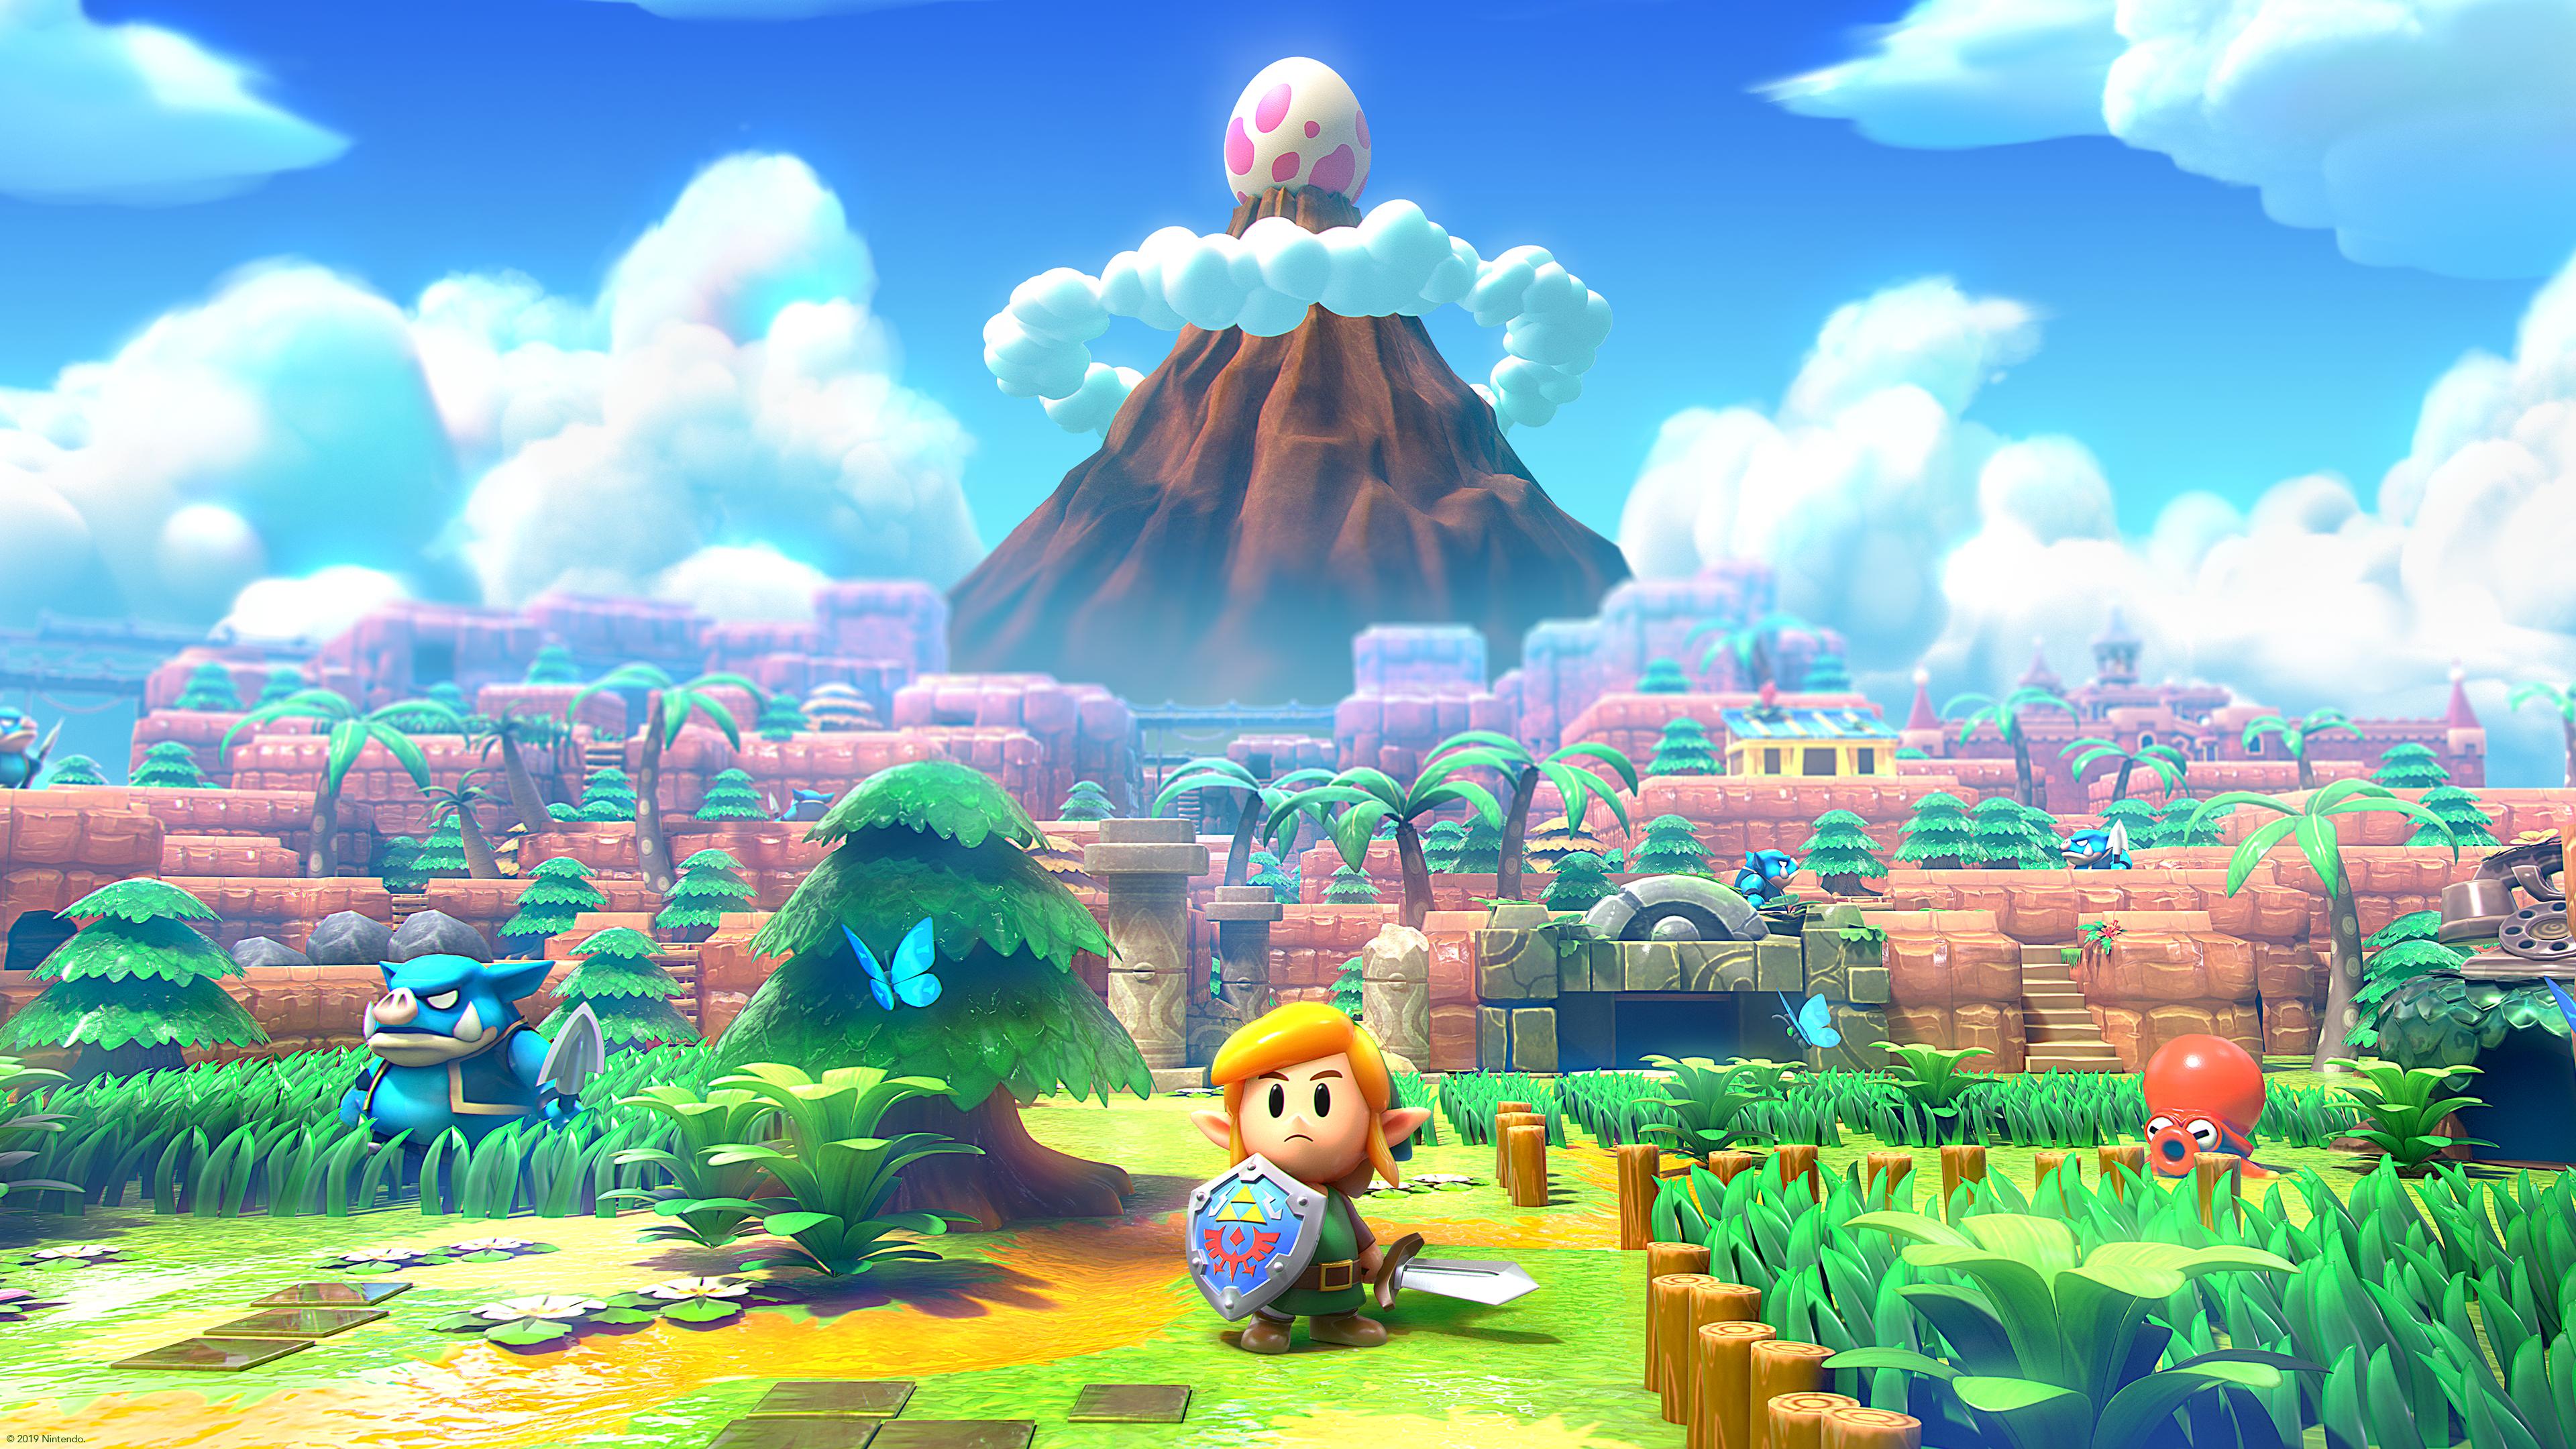 Zelda Link S Awakening Pc Wallpaper Legend Of Zelda Cool Art Wallpaper